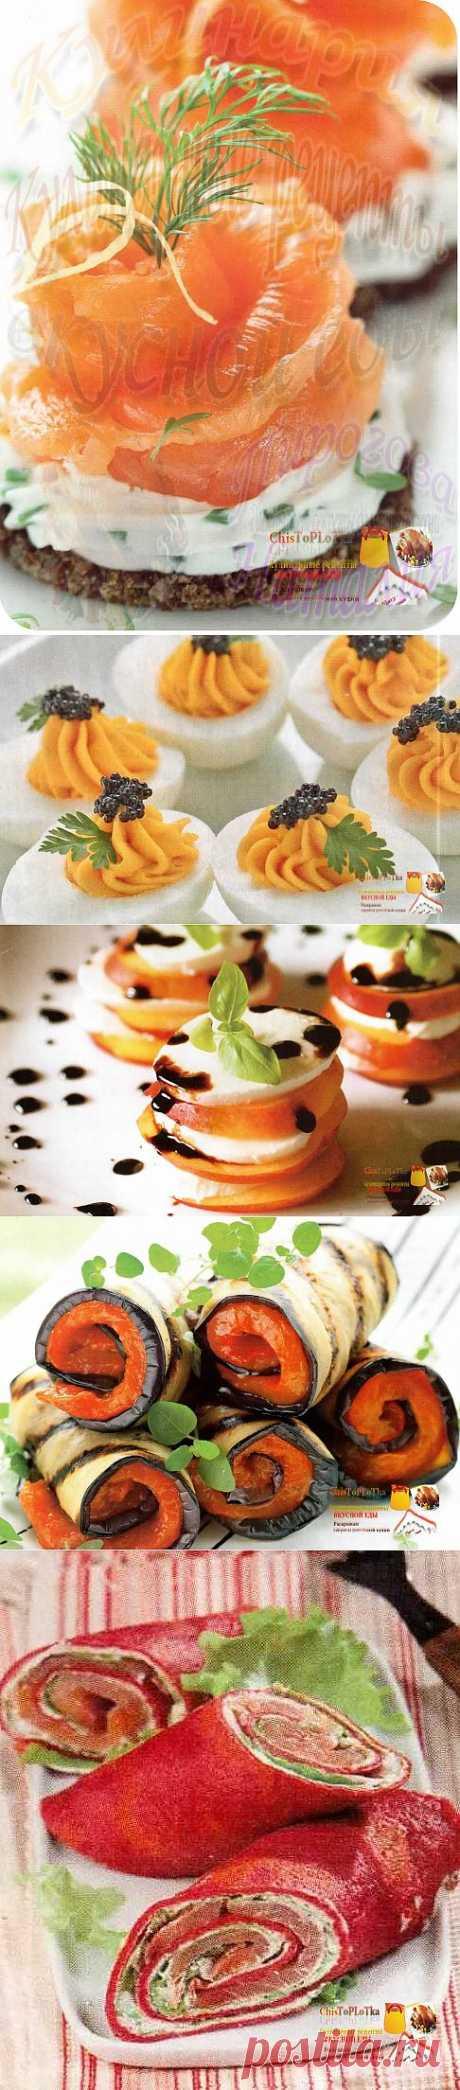 Новогодний праздничный стол - закуски. | Кулинарные рецепты вкусной еды